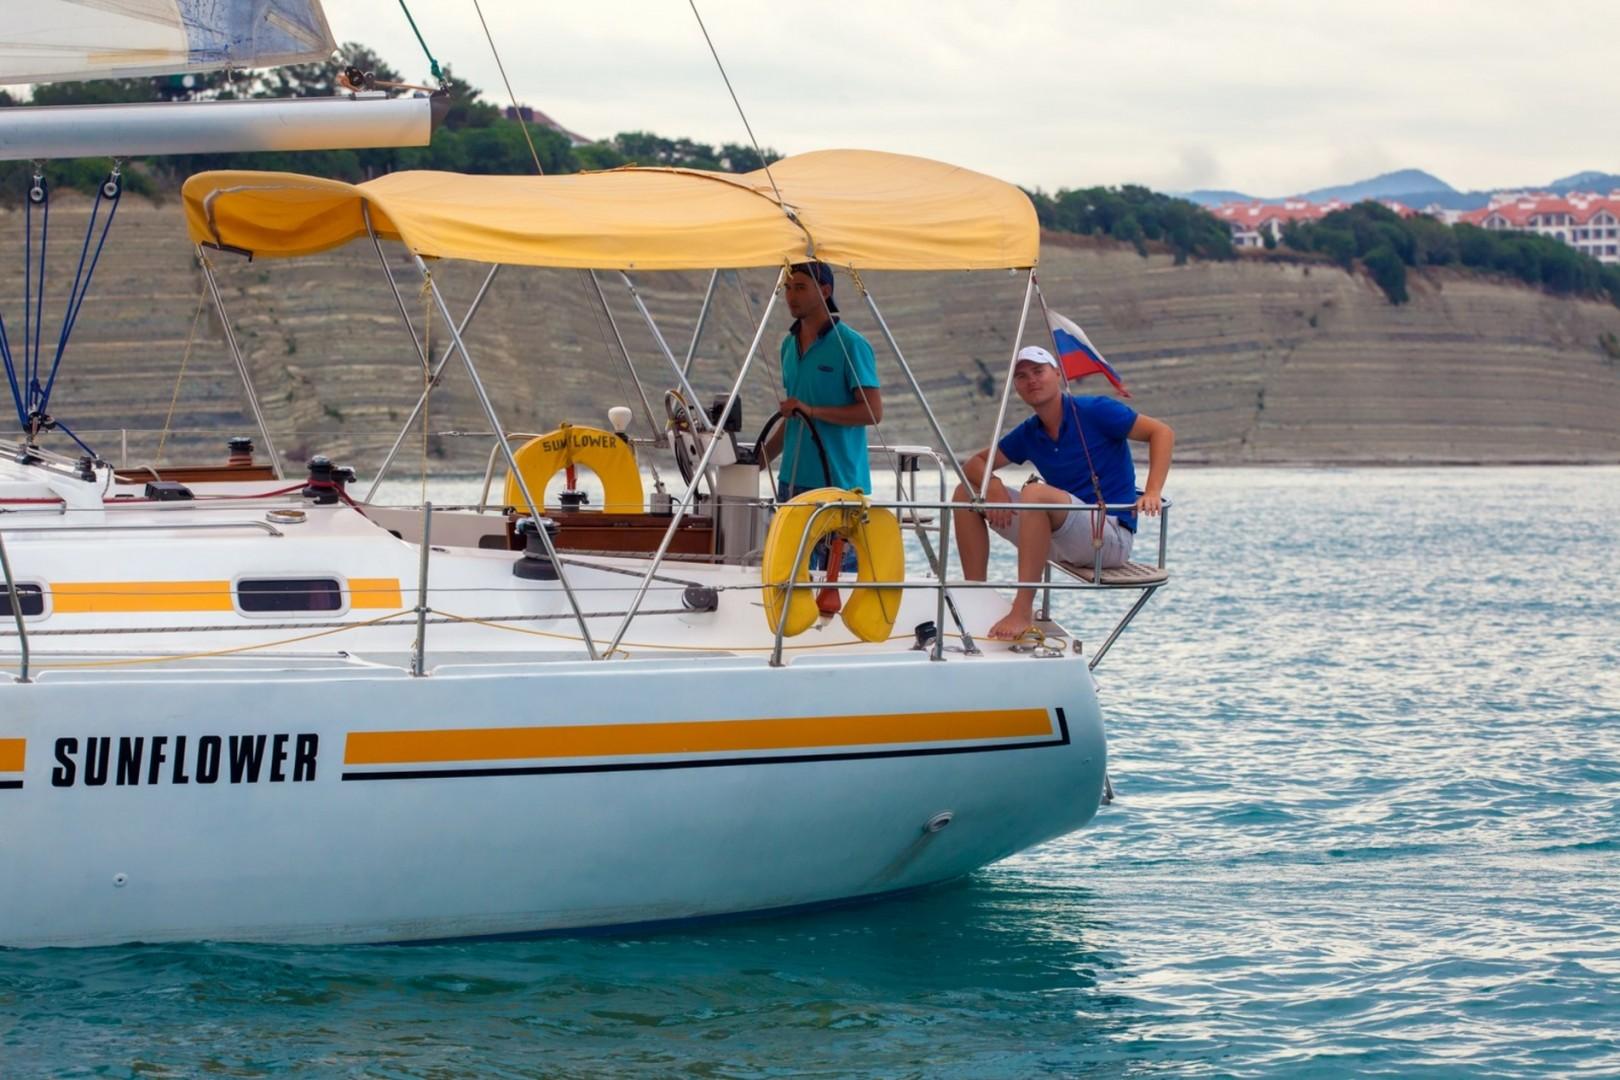 Яхта SUNFLOWER - Yacht23 - ваш гид в мире яхтинга